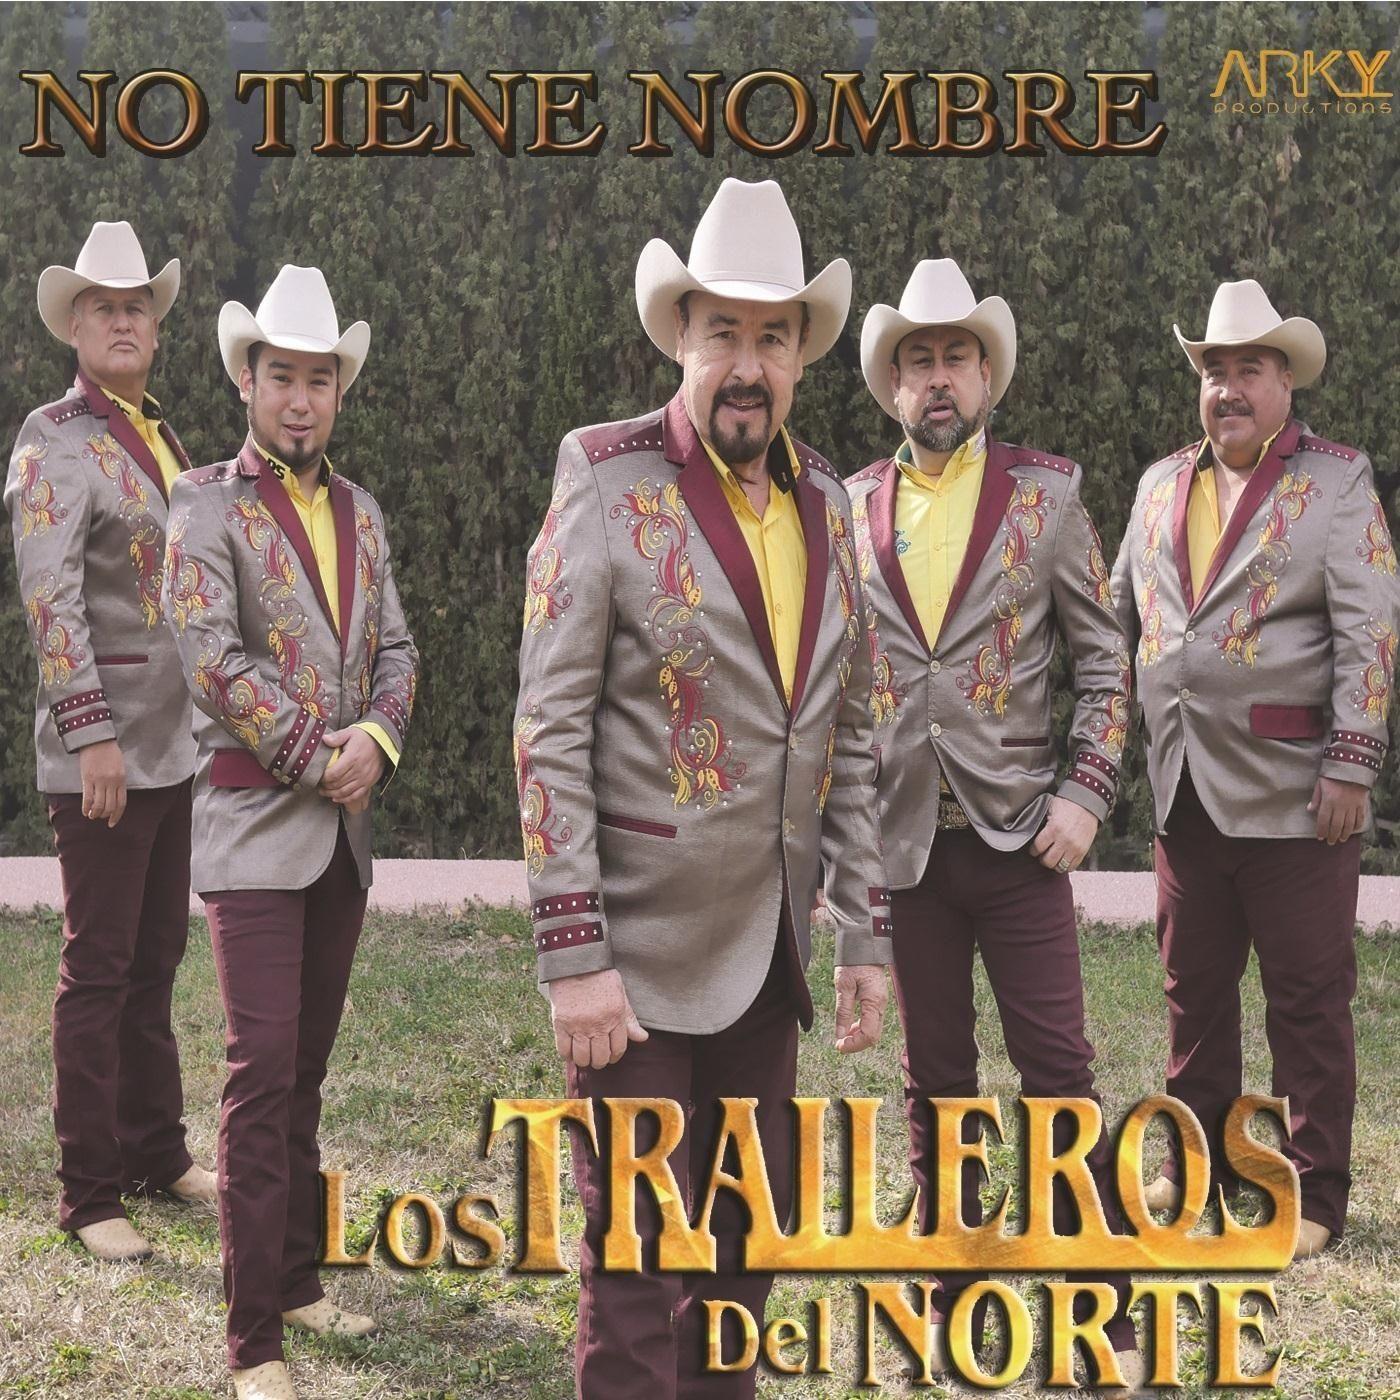 discografia completa de los traileros del norte 2012